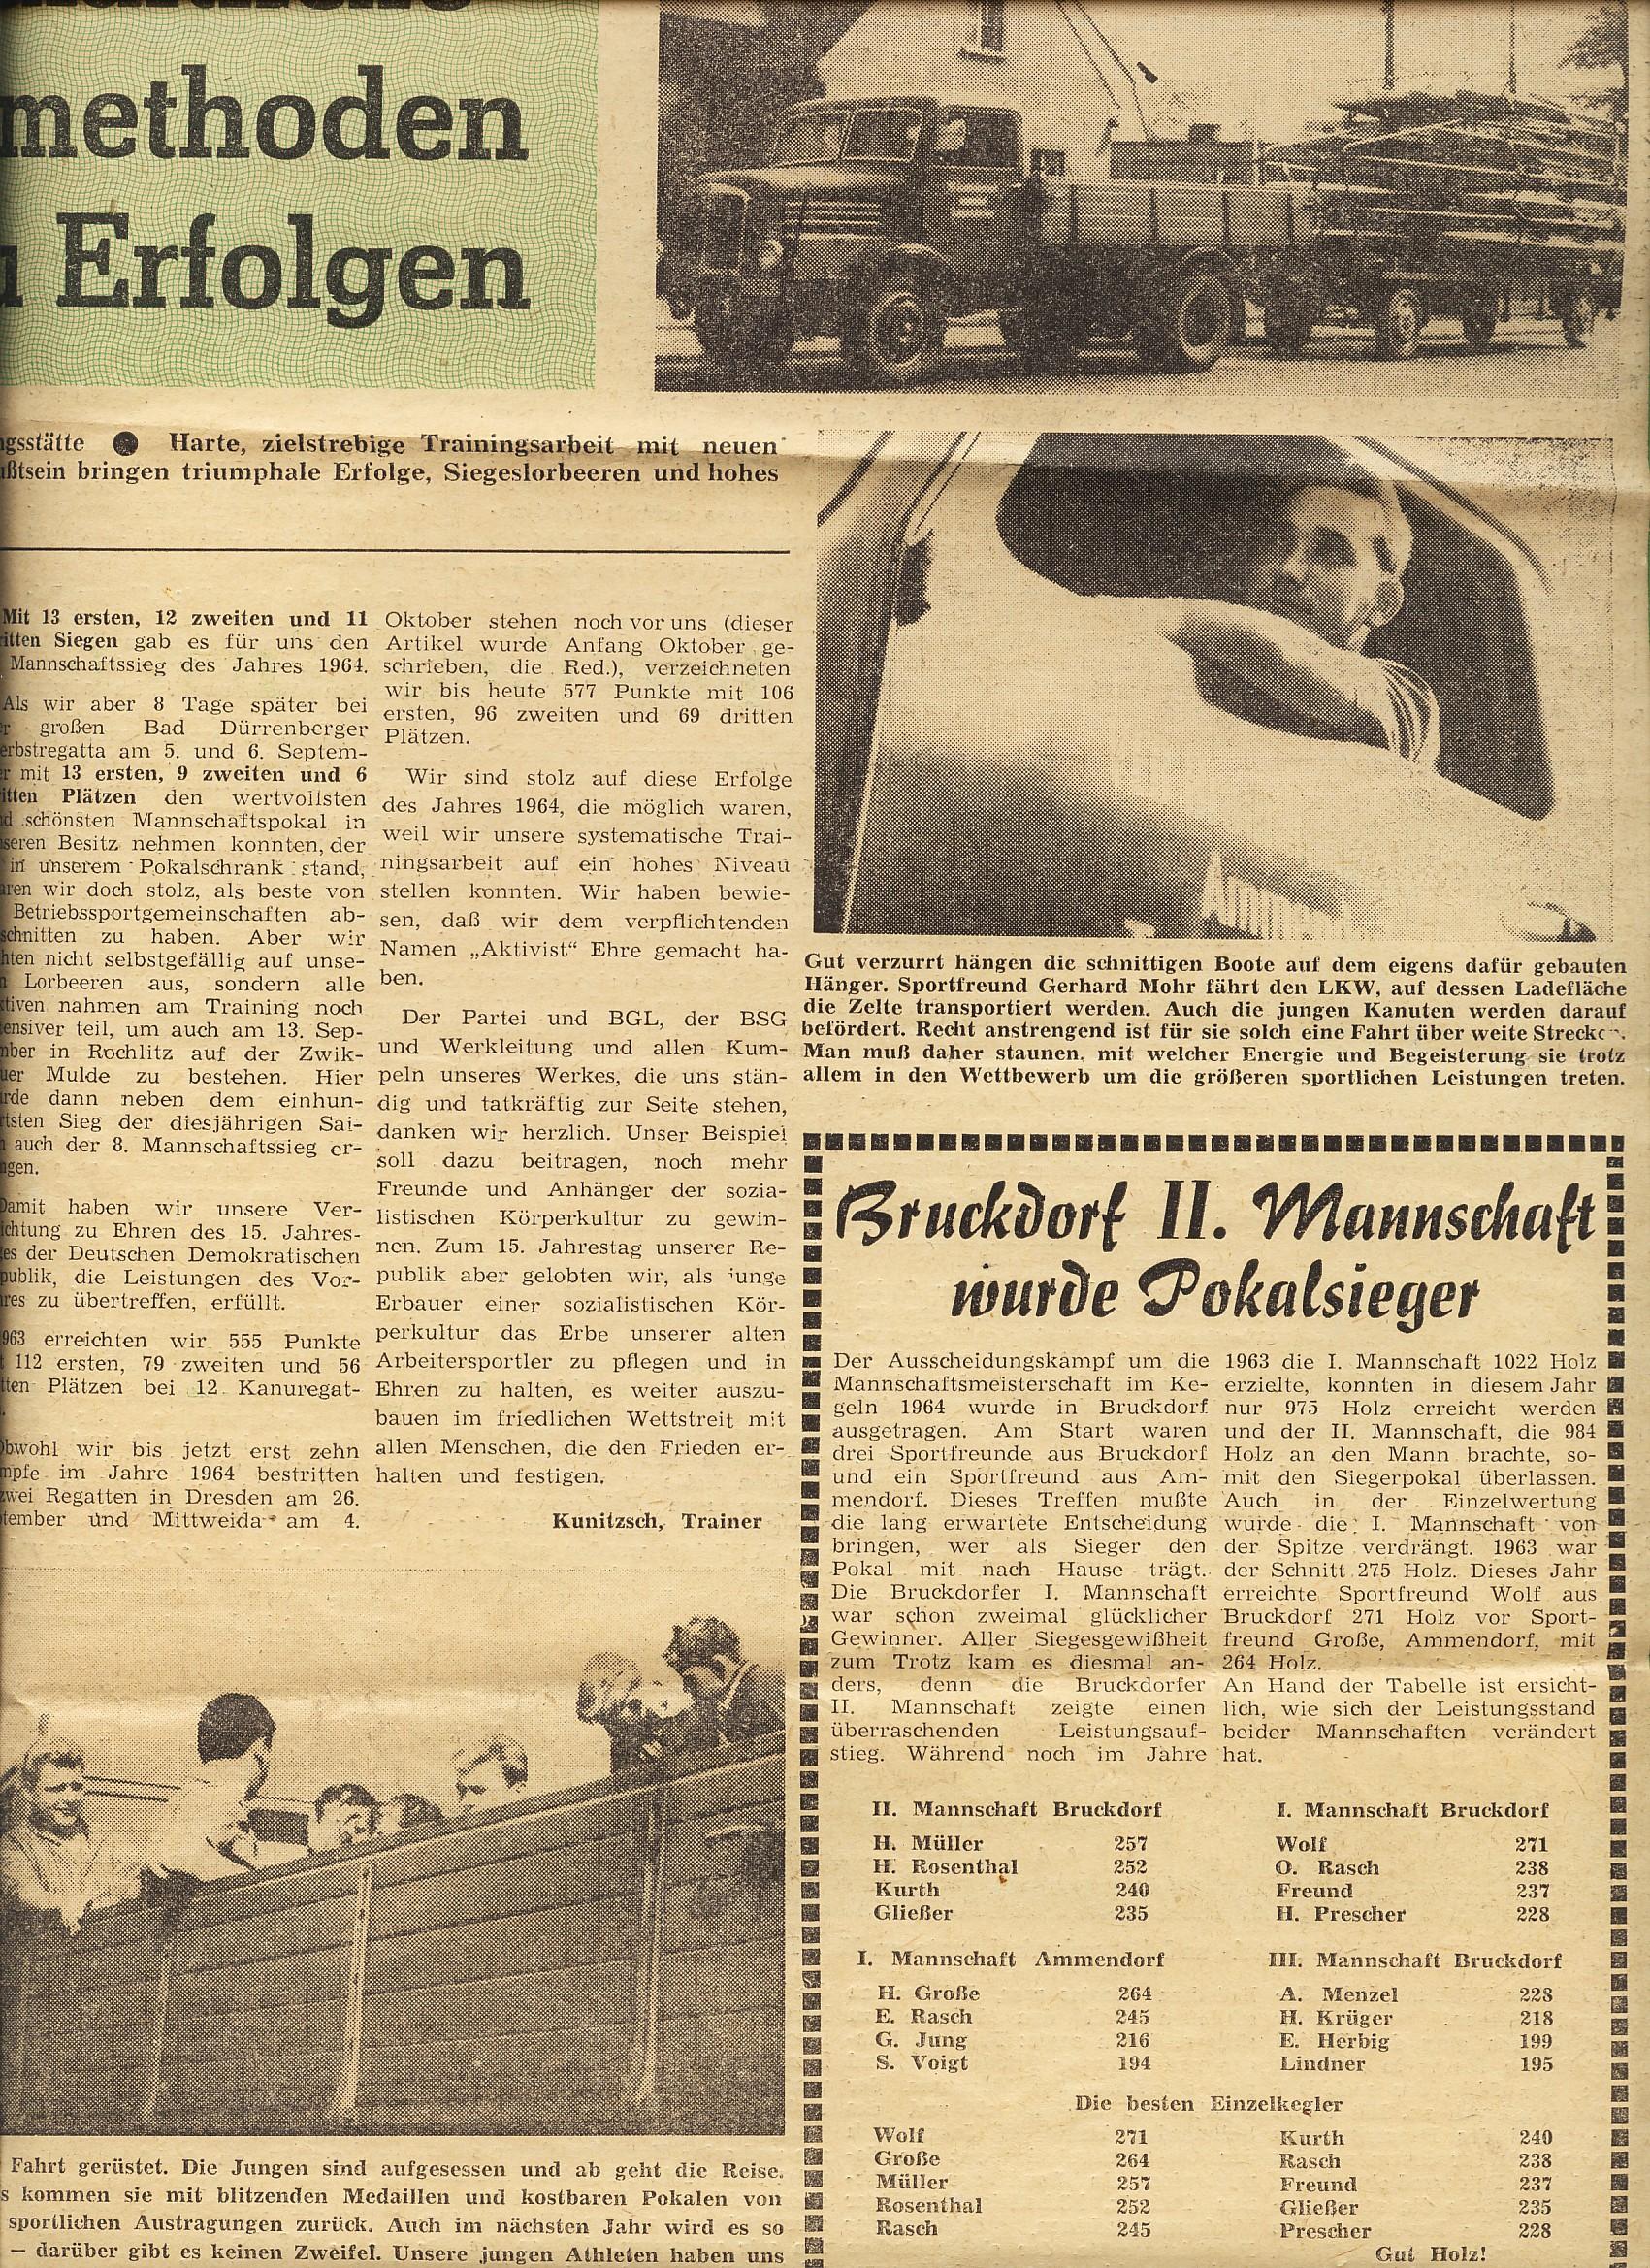 1964-10 Wissenschaftliche Trainingsmethoden führten zu Erfolgen (2)